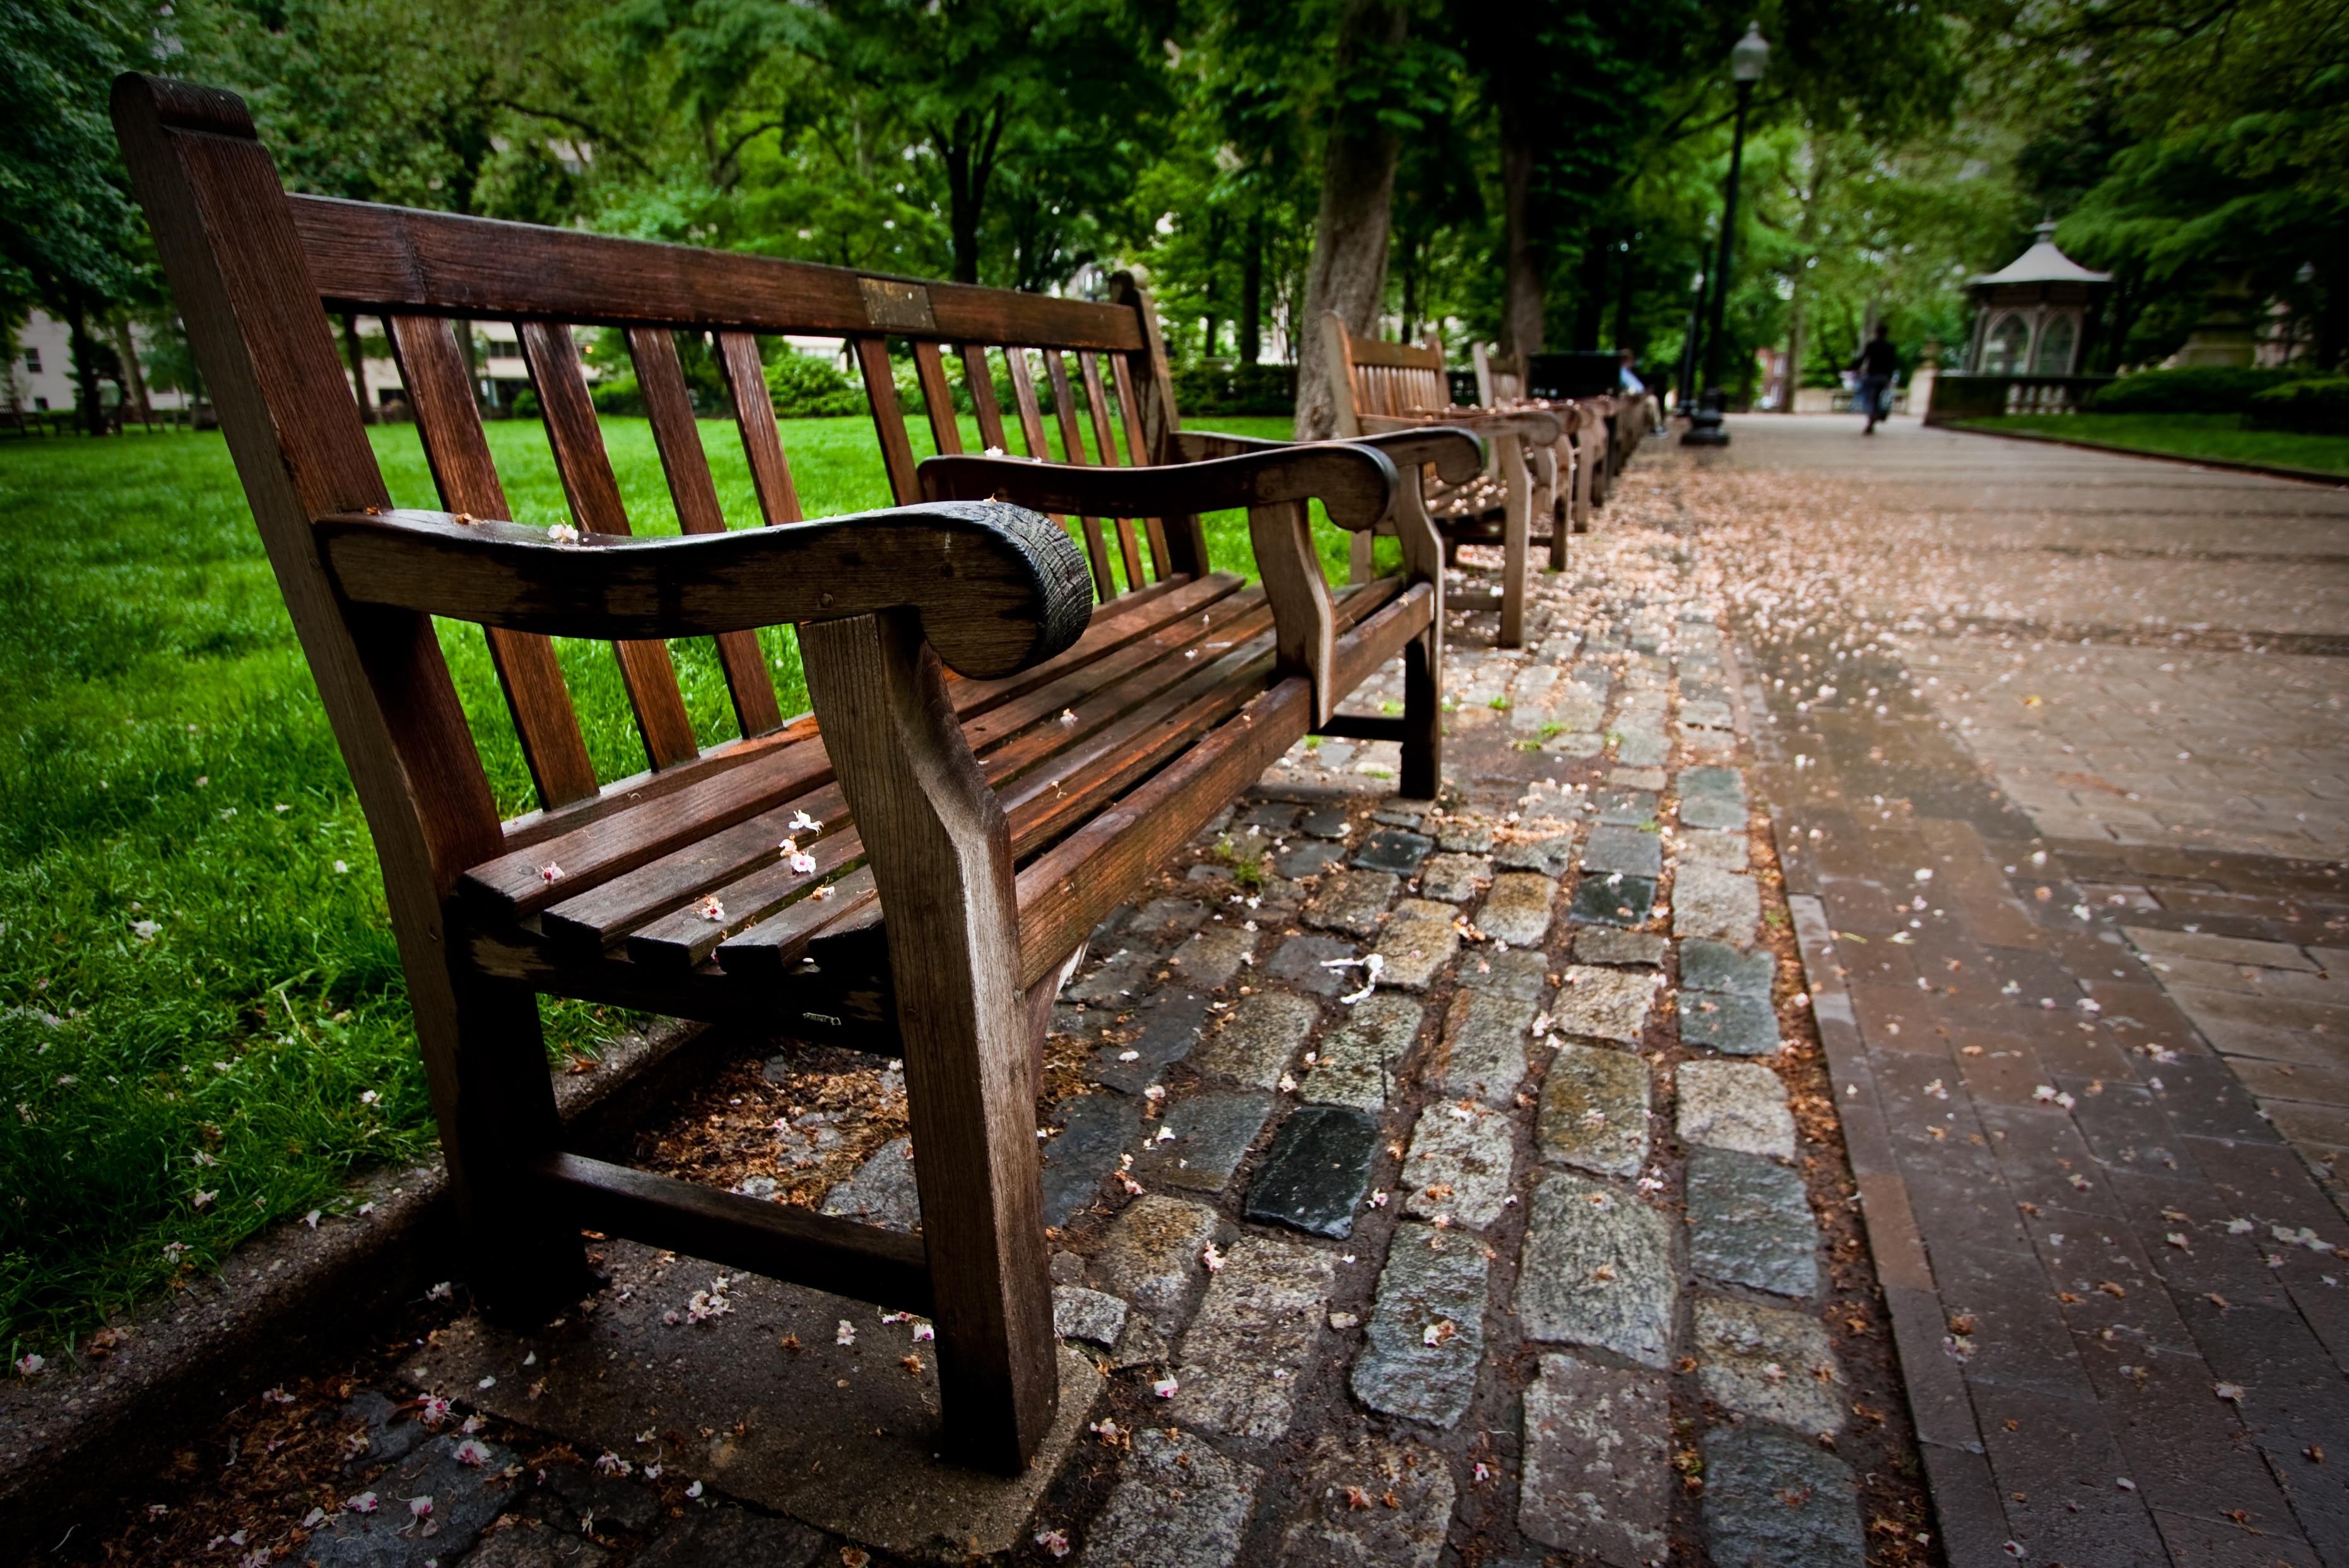 Entre em sintonia com a natureza em Rittenhouse Square, uma área verde agradável em Filadélfia. Conheça  a atmosfera acadêmica nesta área vibrante ou assista a um evento esportivo no local.